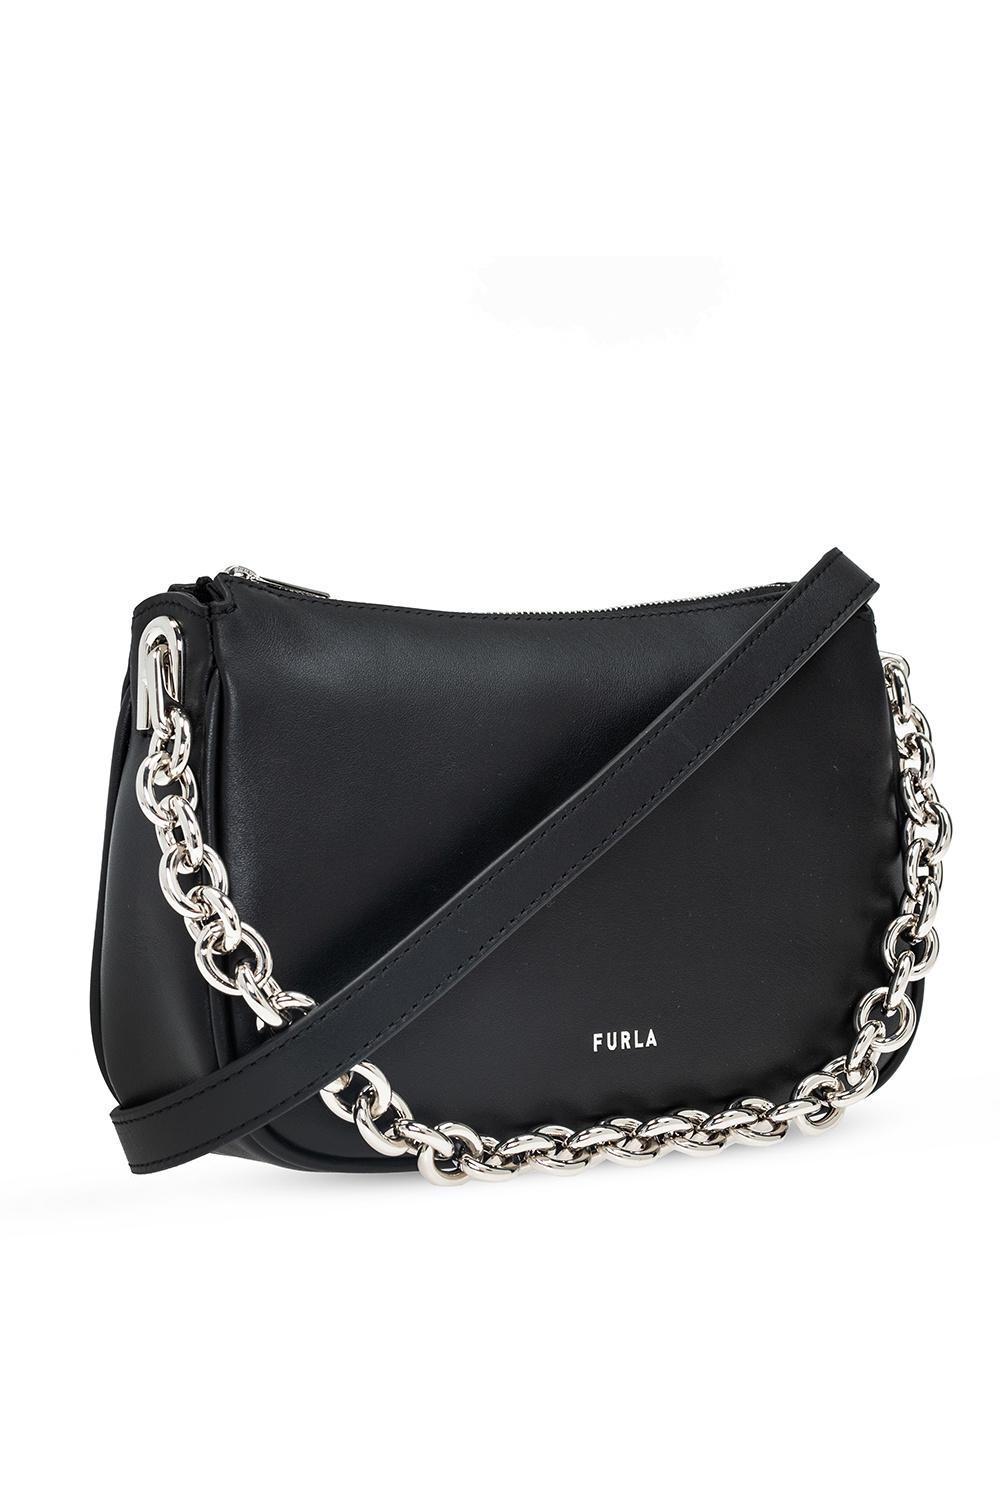 Furla 'Moon' shoulder bag